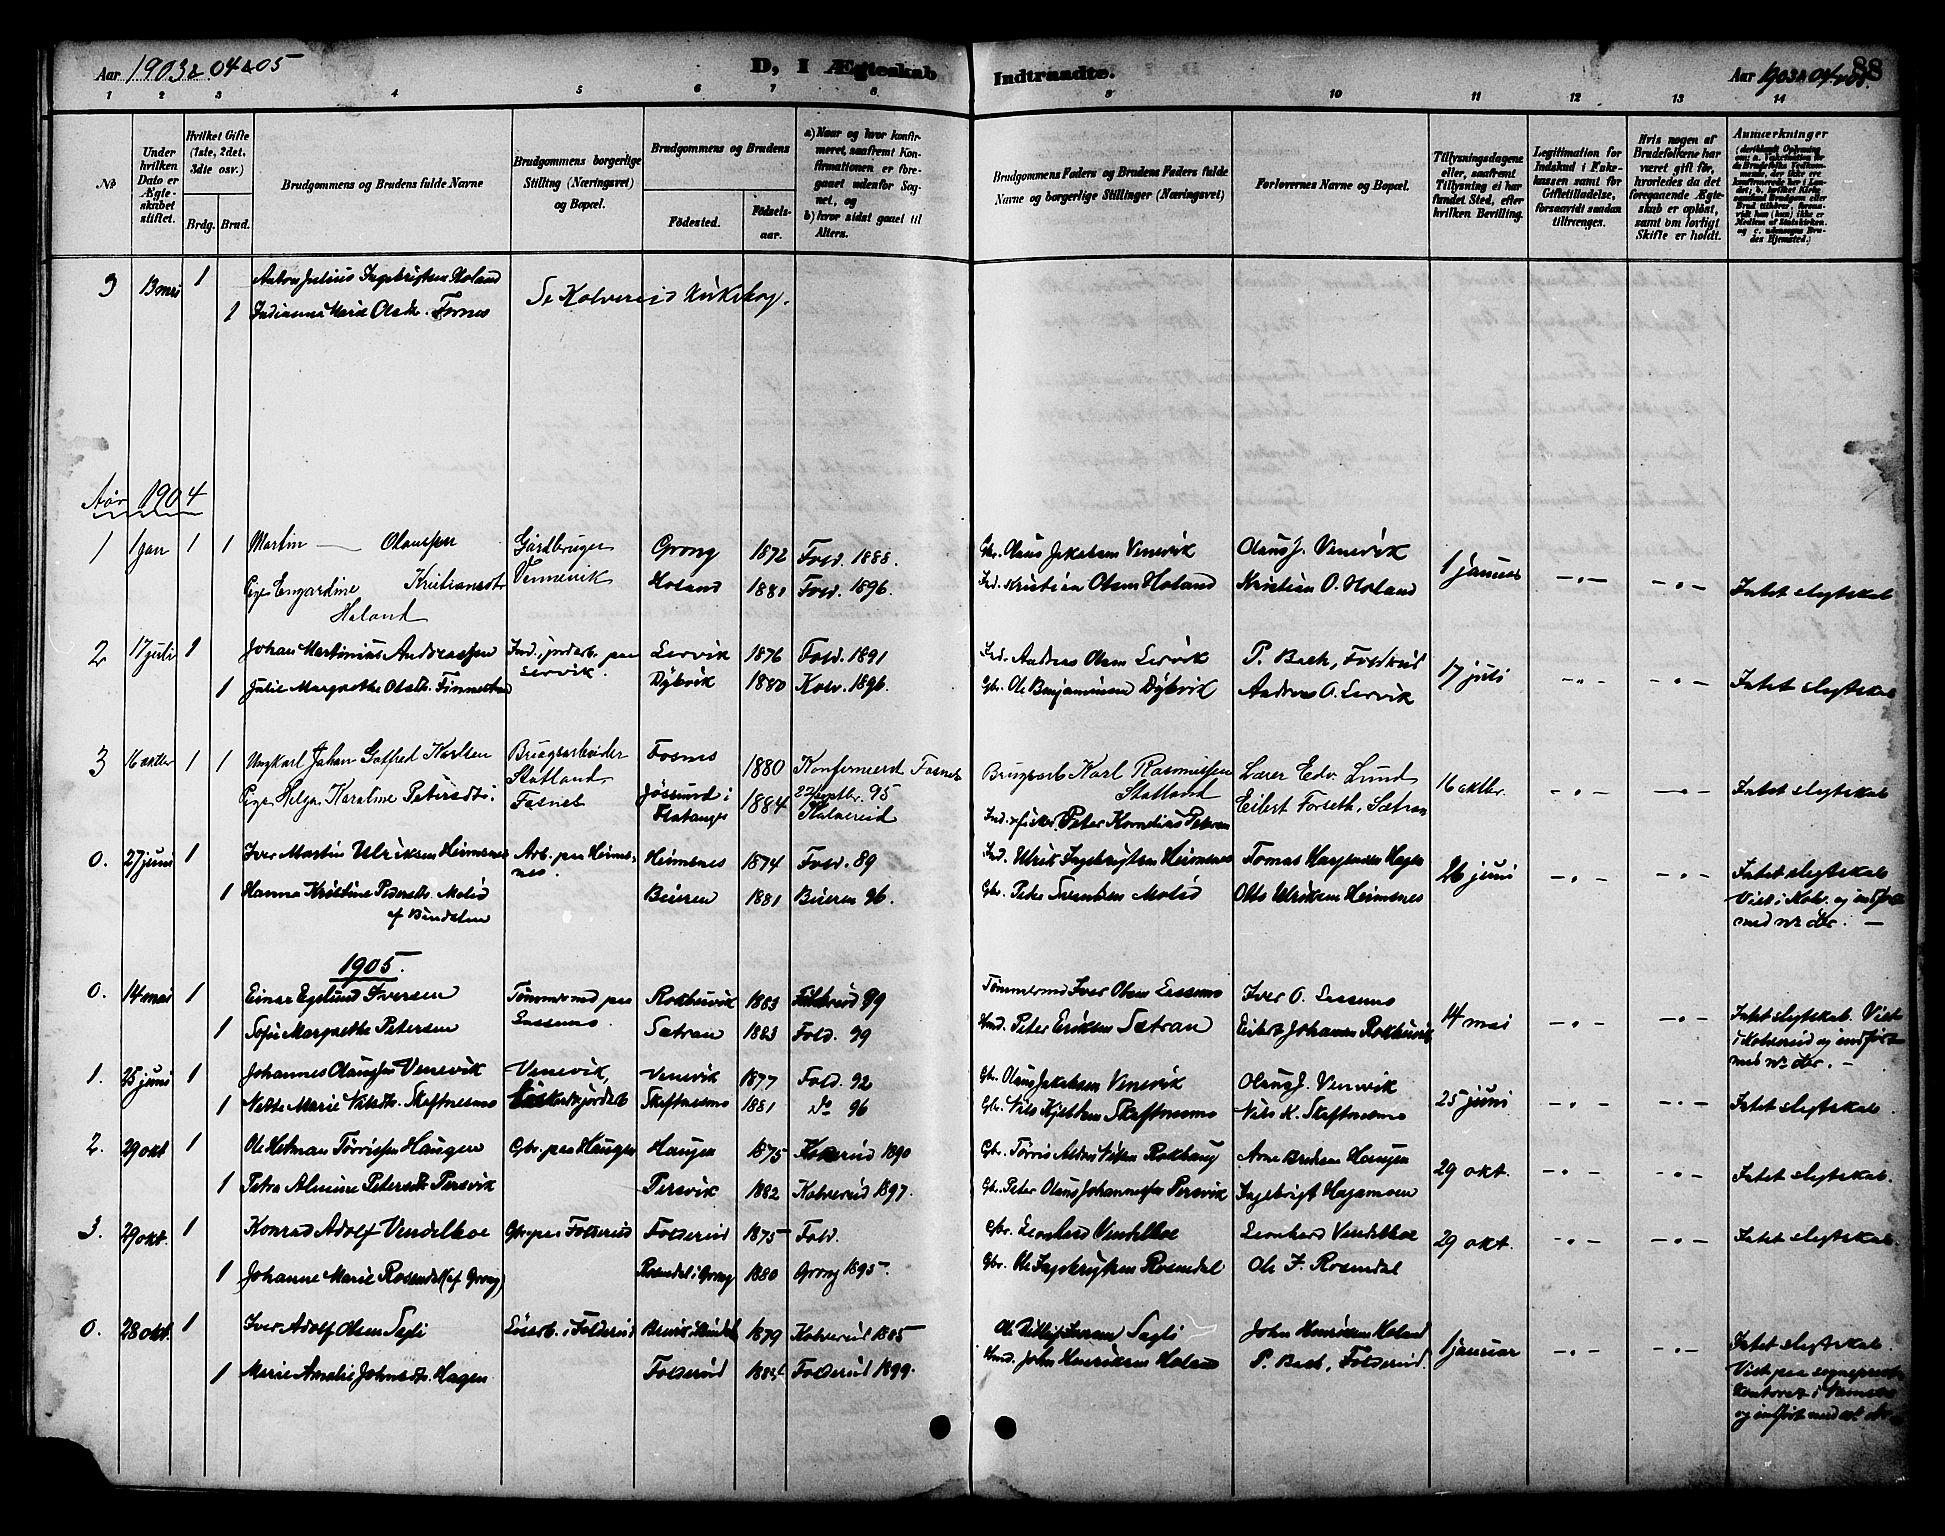 SAT, Ministerialprotokoller, klokkerbøker og fødselsregistre - Nord-Trøndelag, 783/L0662: Klokkerbok nr. 783C02, 1894-1919, s. 88